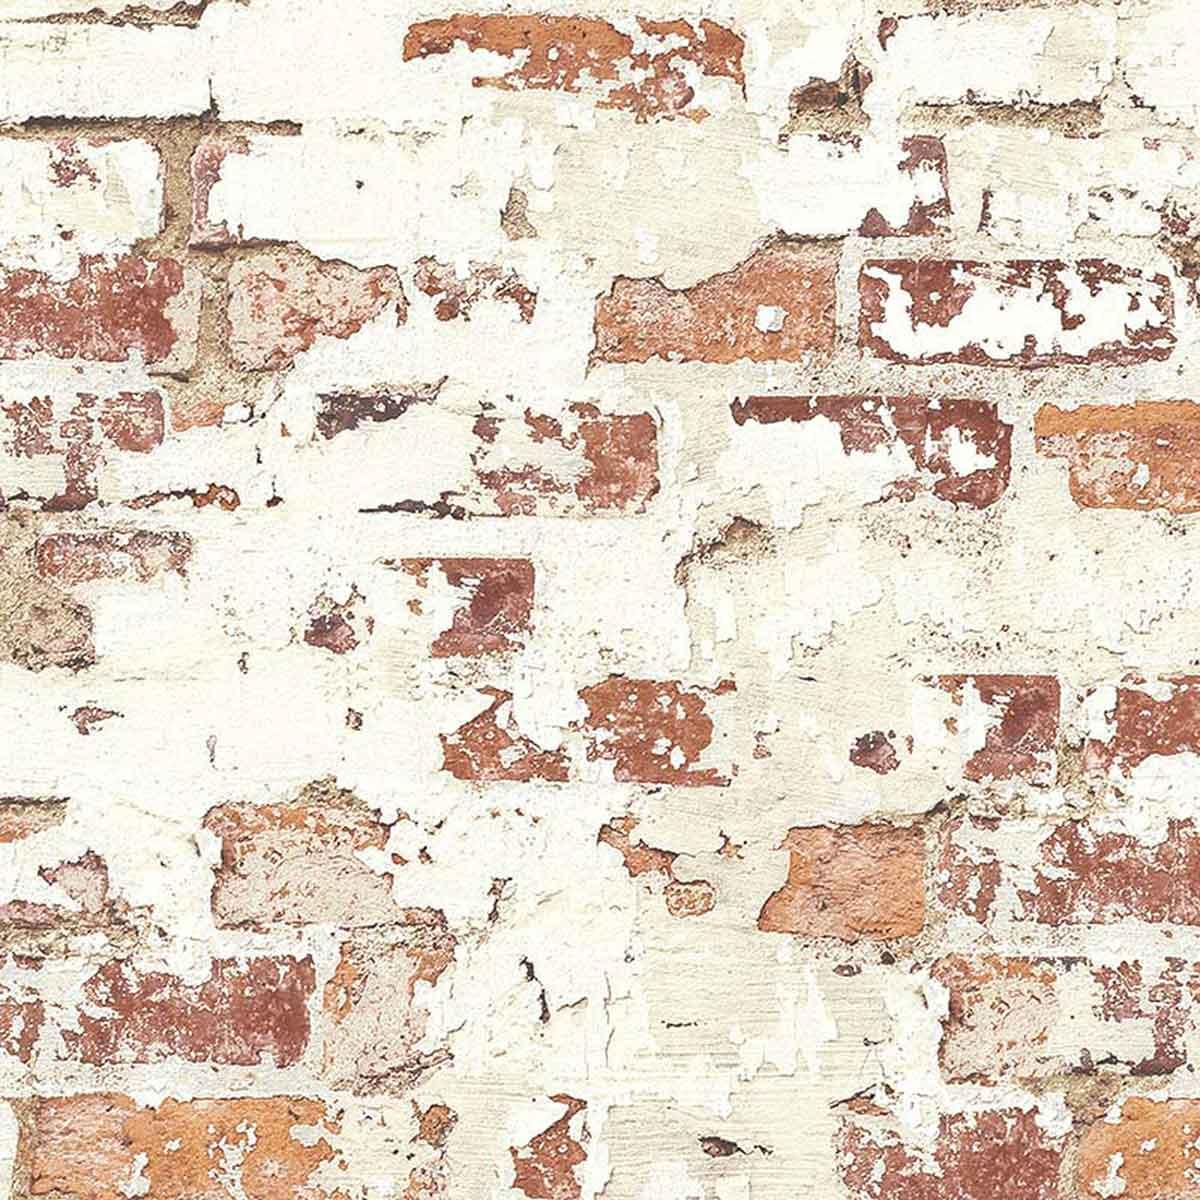 Papier peint LUTECE vieux mur de briques rouges (Rouge)